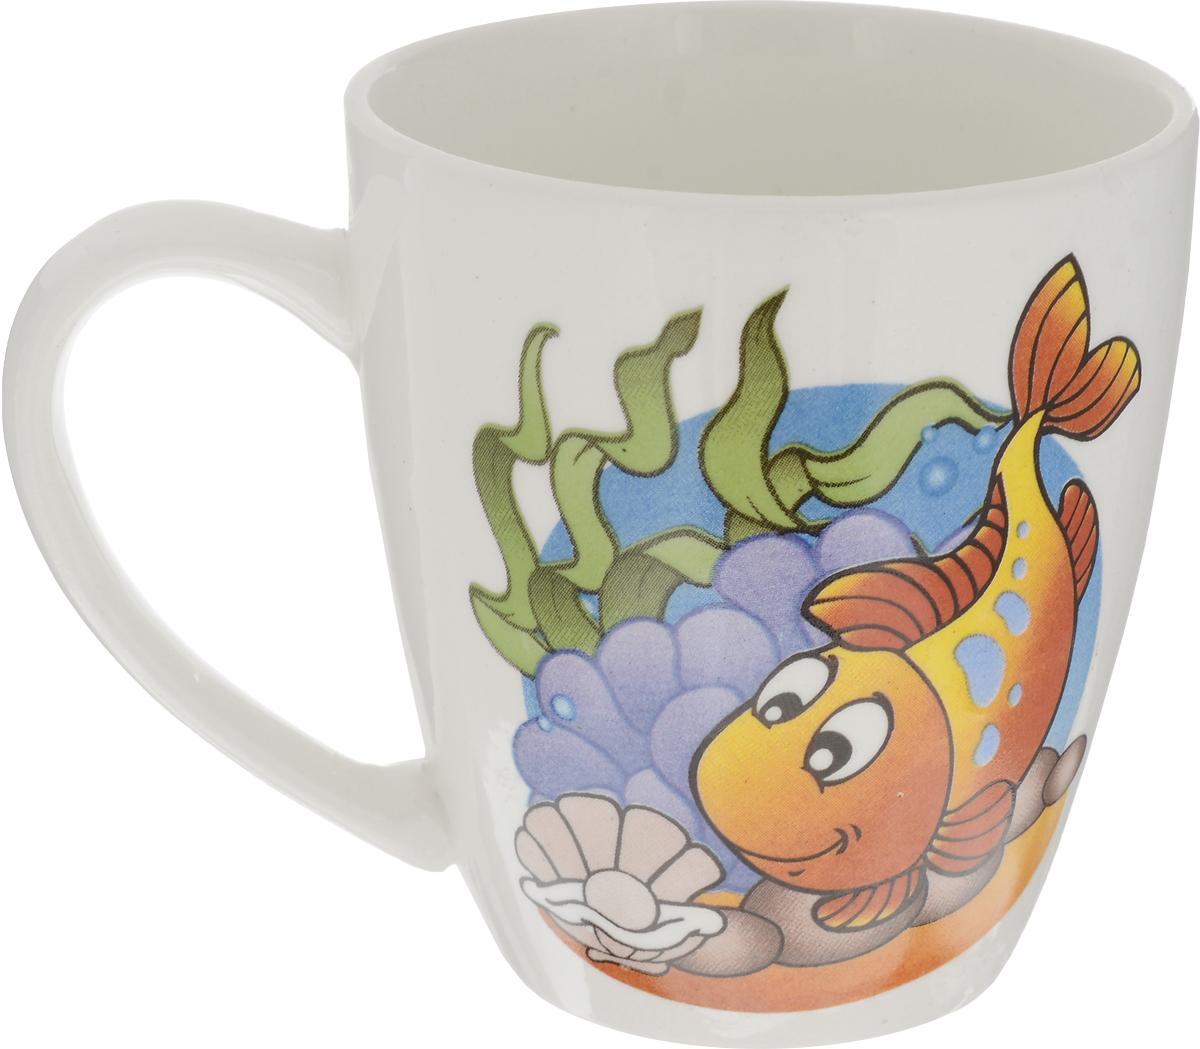 Кубаньфарфор Кружка детская Морской мир Рыбка 220 мл 113173772706Фаянсовая детская посуда с забавным рисунком понравится каждому малышу. Изделие из качественного материала станет правильным выбором для повседневной эксплуатации и поможет превратить каждый прием пищи в радостное приключение. Особенности: - простота мойки, - стойкость к запахам, - насыщенный цвет.